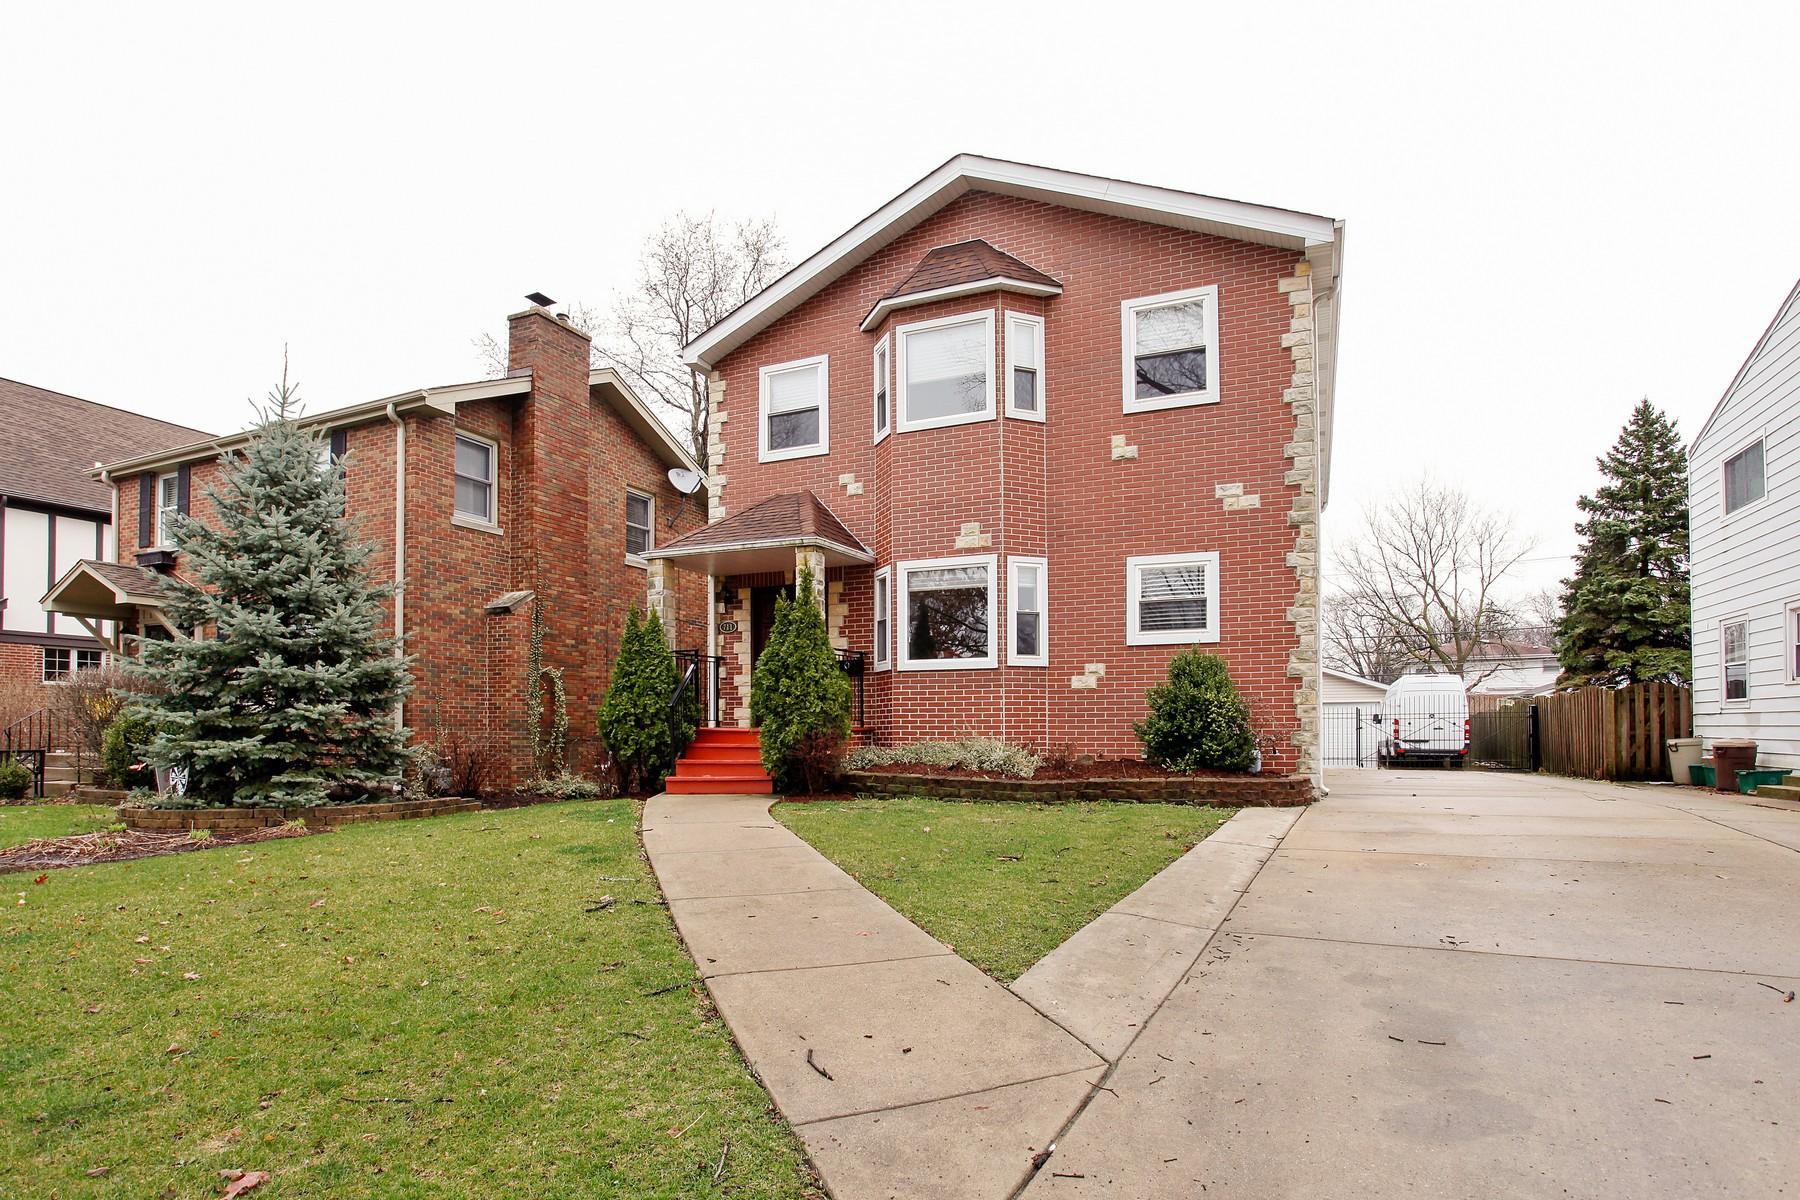 一戸建て のために 売買 アット Beautiful Home in Desirable Location 711 S Madison Avenue La Grange, イリノイ, 60525 アメリカ合衆国